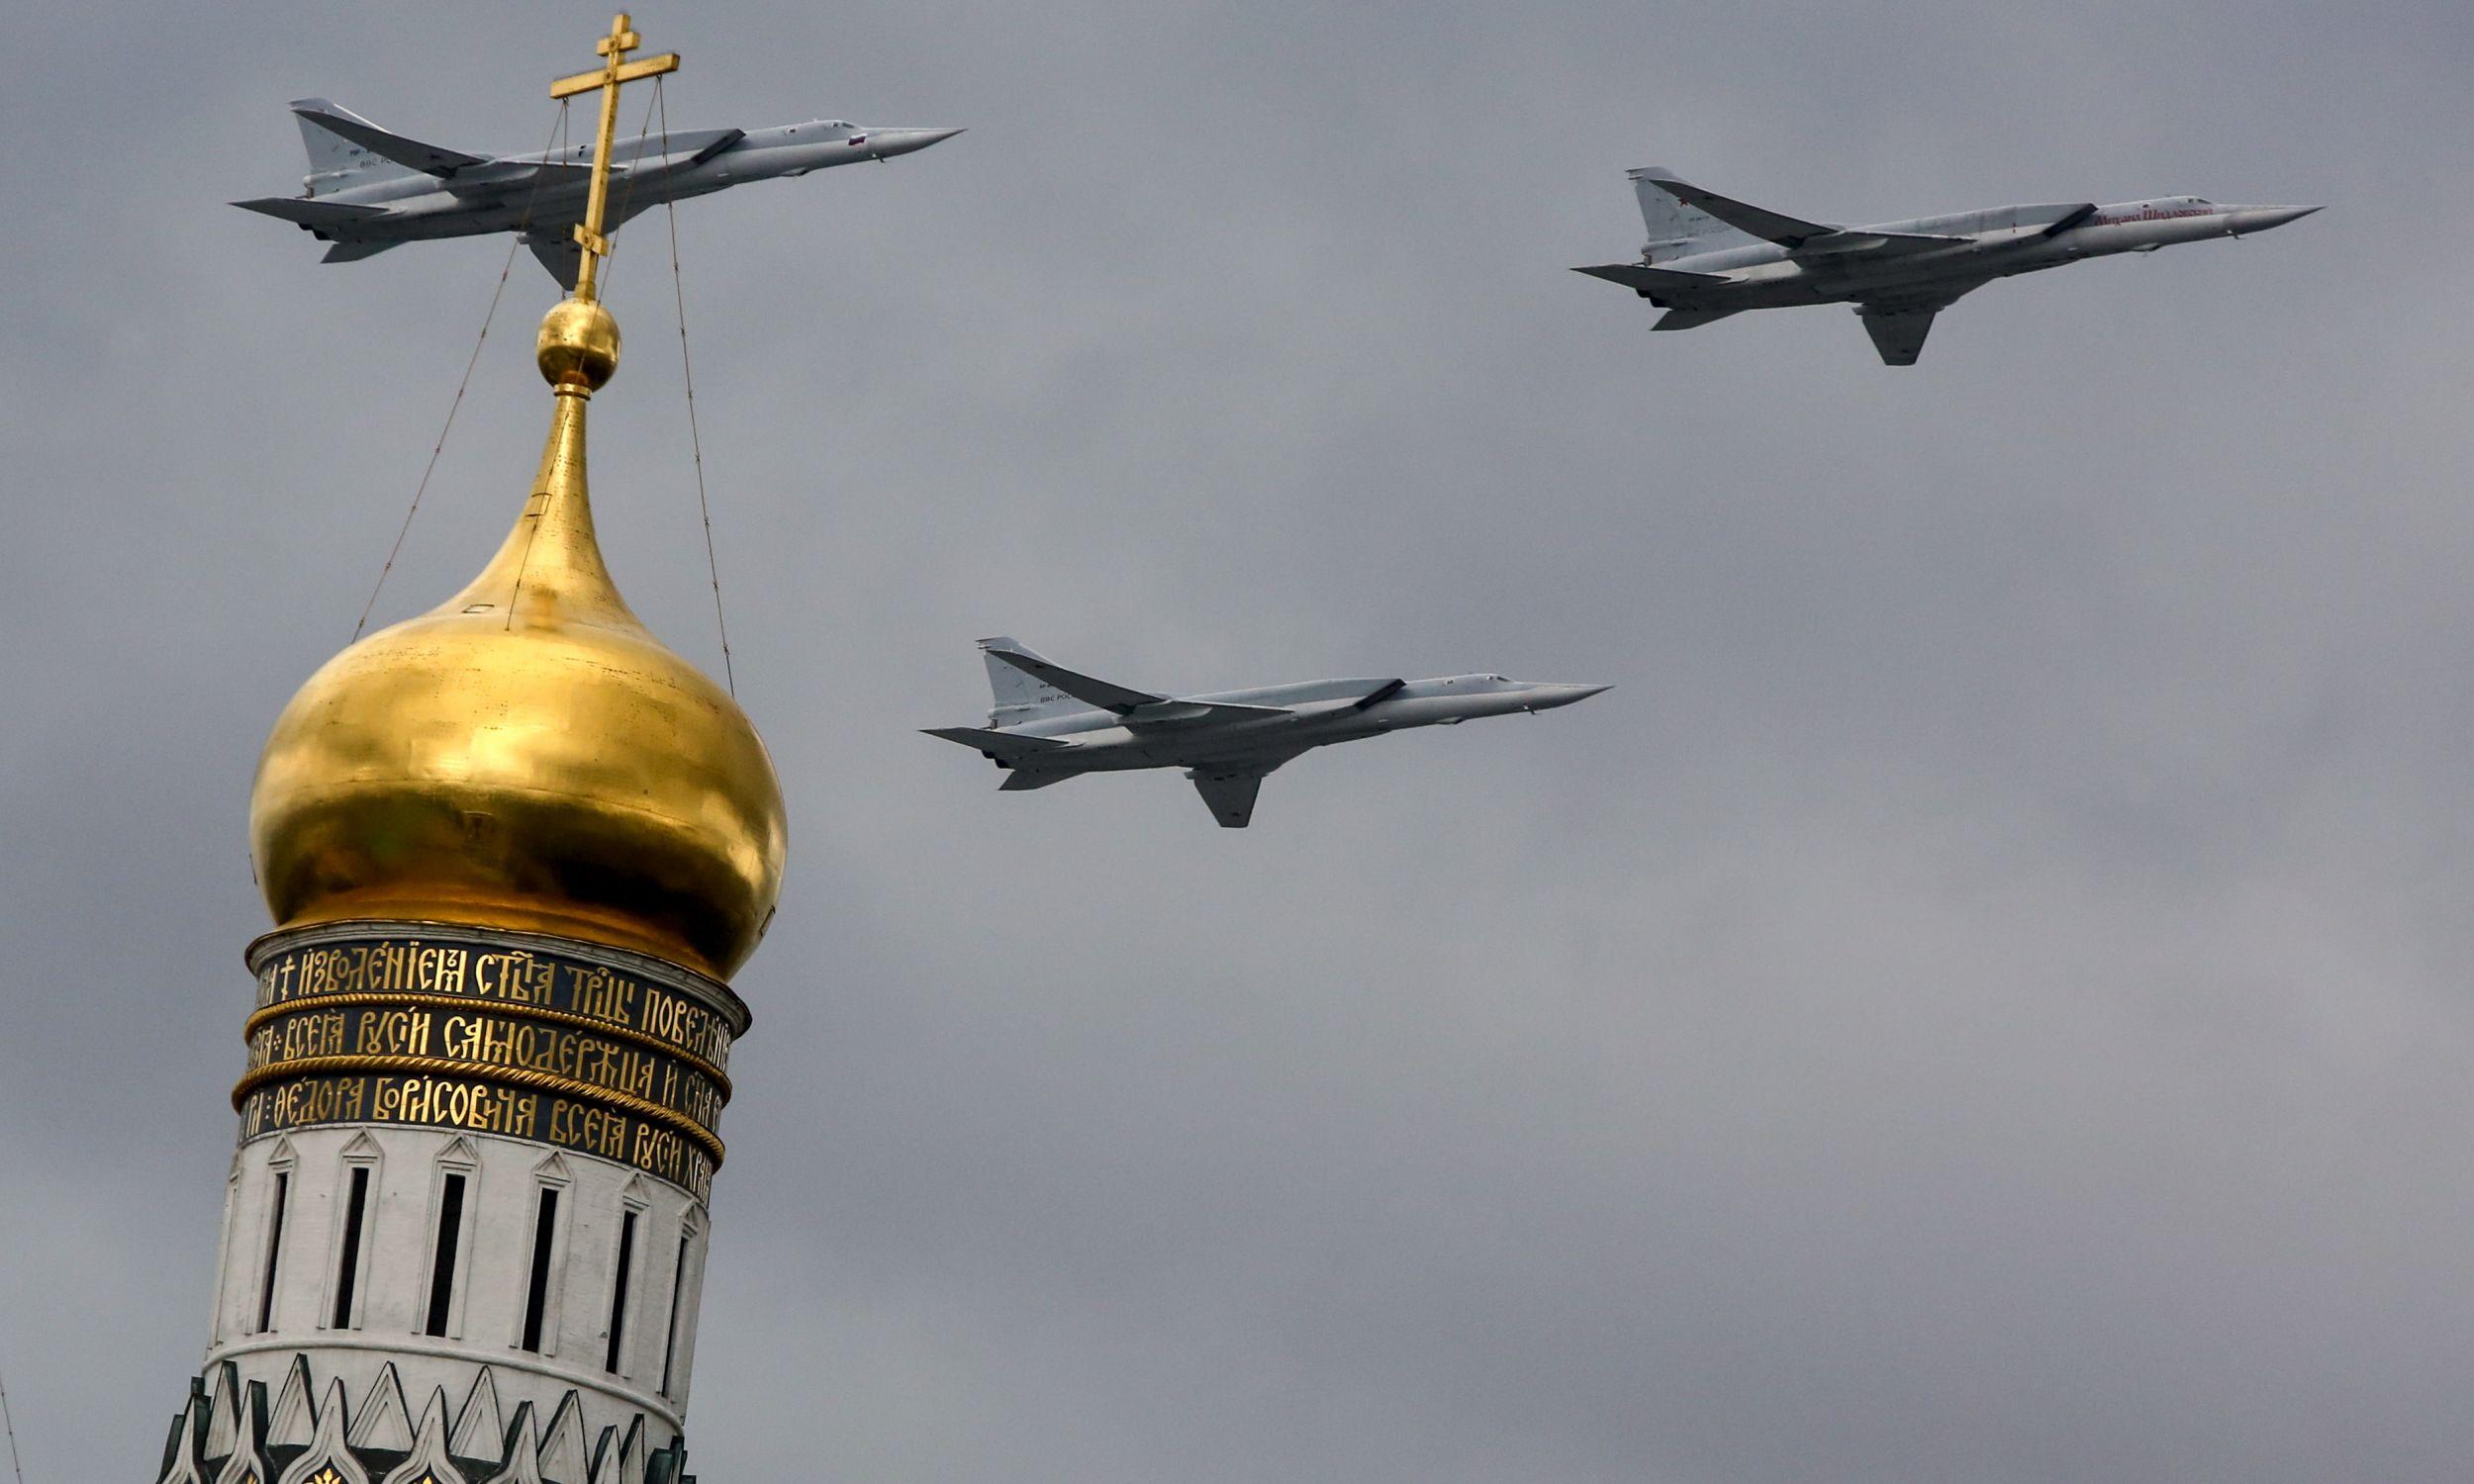 Bombowce Tu-22M3 rosyjskich sił powietrznych nad Kremlem w Moskwie, podczas próby parady wojskowej z okazji rocznicy zwycięstwa w II wojnie światowej. Fot. aviation-images.com/Universal Images Group via Getty Images